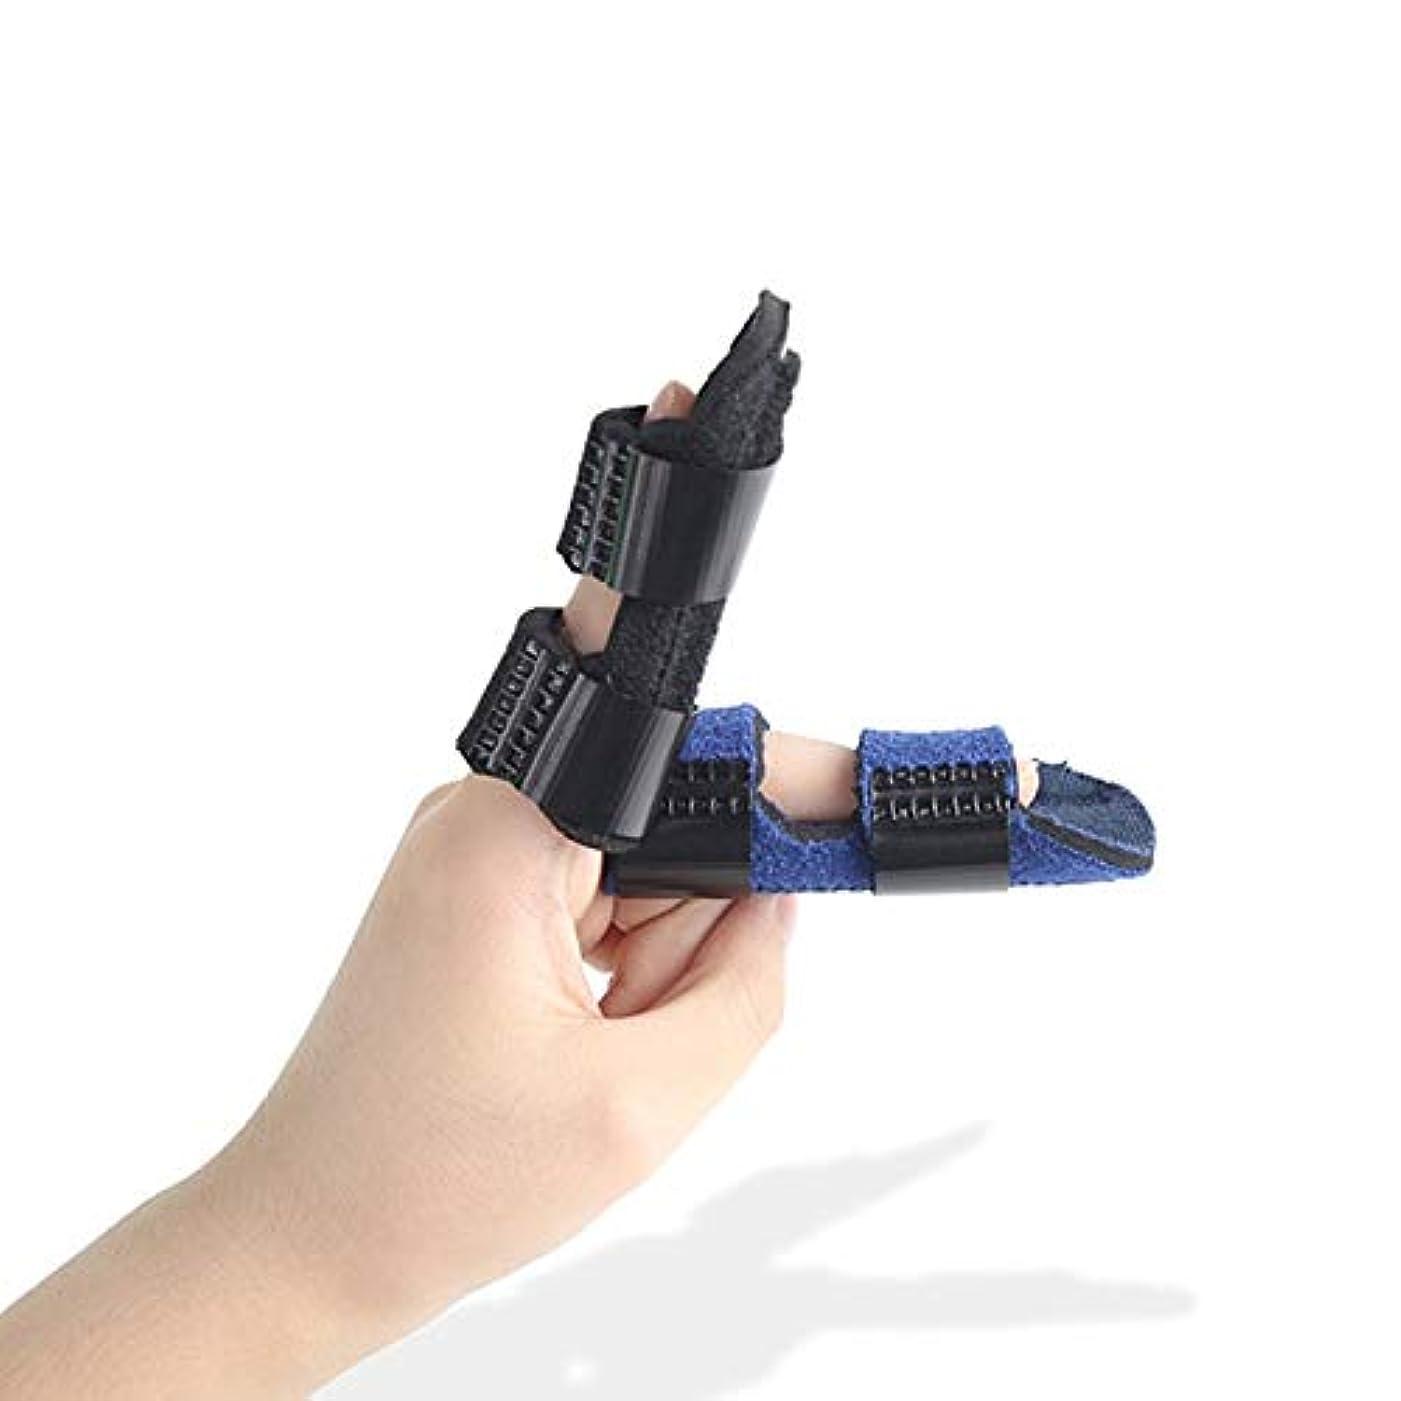 志す類推フォージ大人と子供が指ナックル固定化のために作られた、ストレートカーブ、調節可能なベルクロのためにスプリント、サポートブレースを指 (Color : 青)